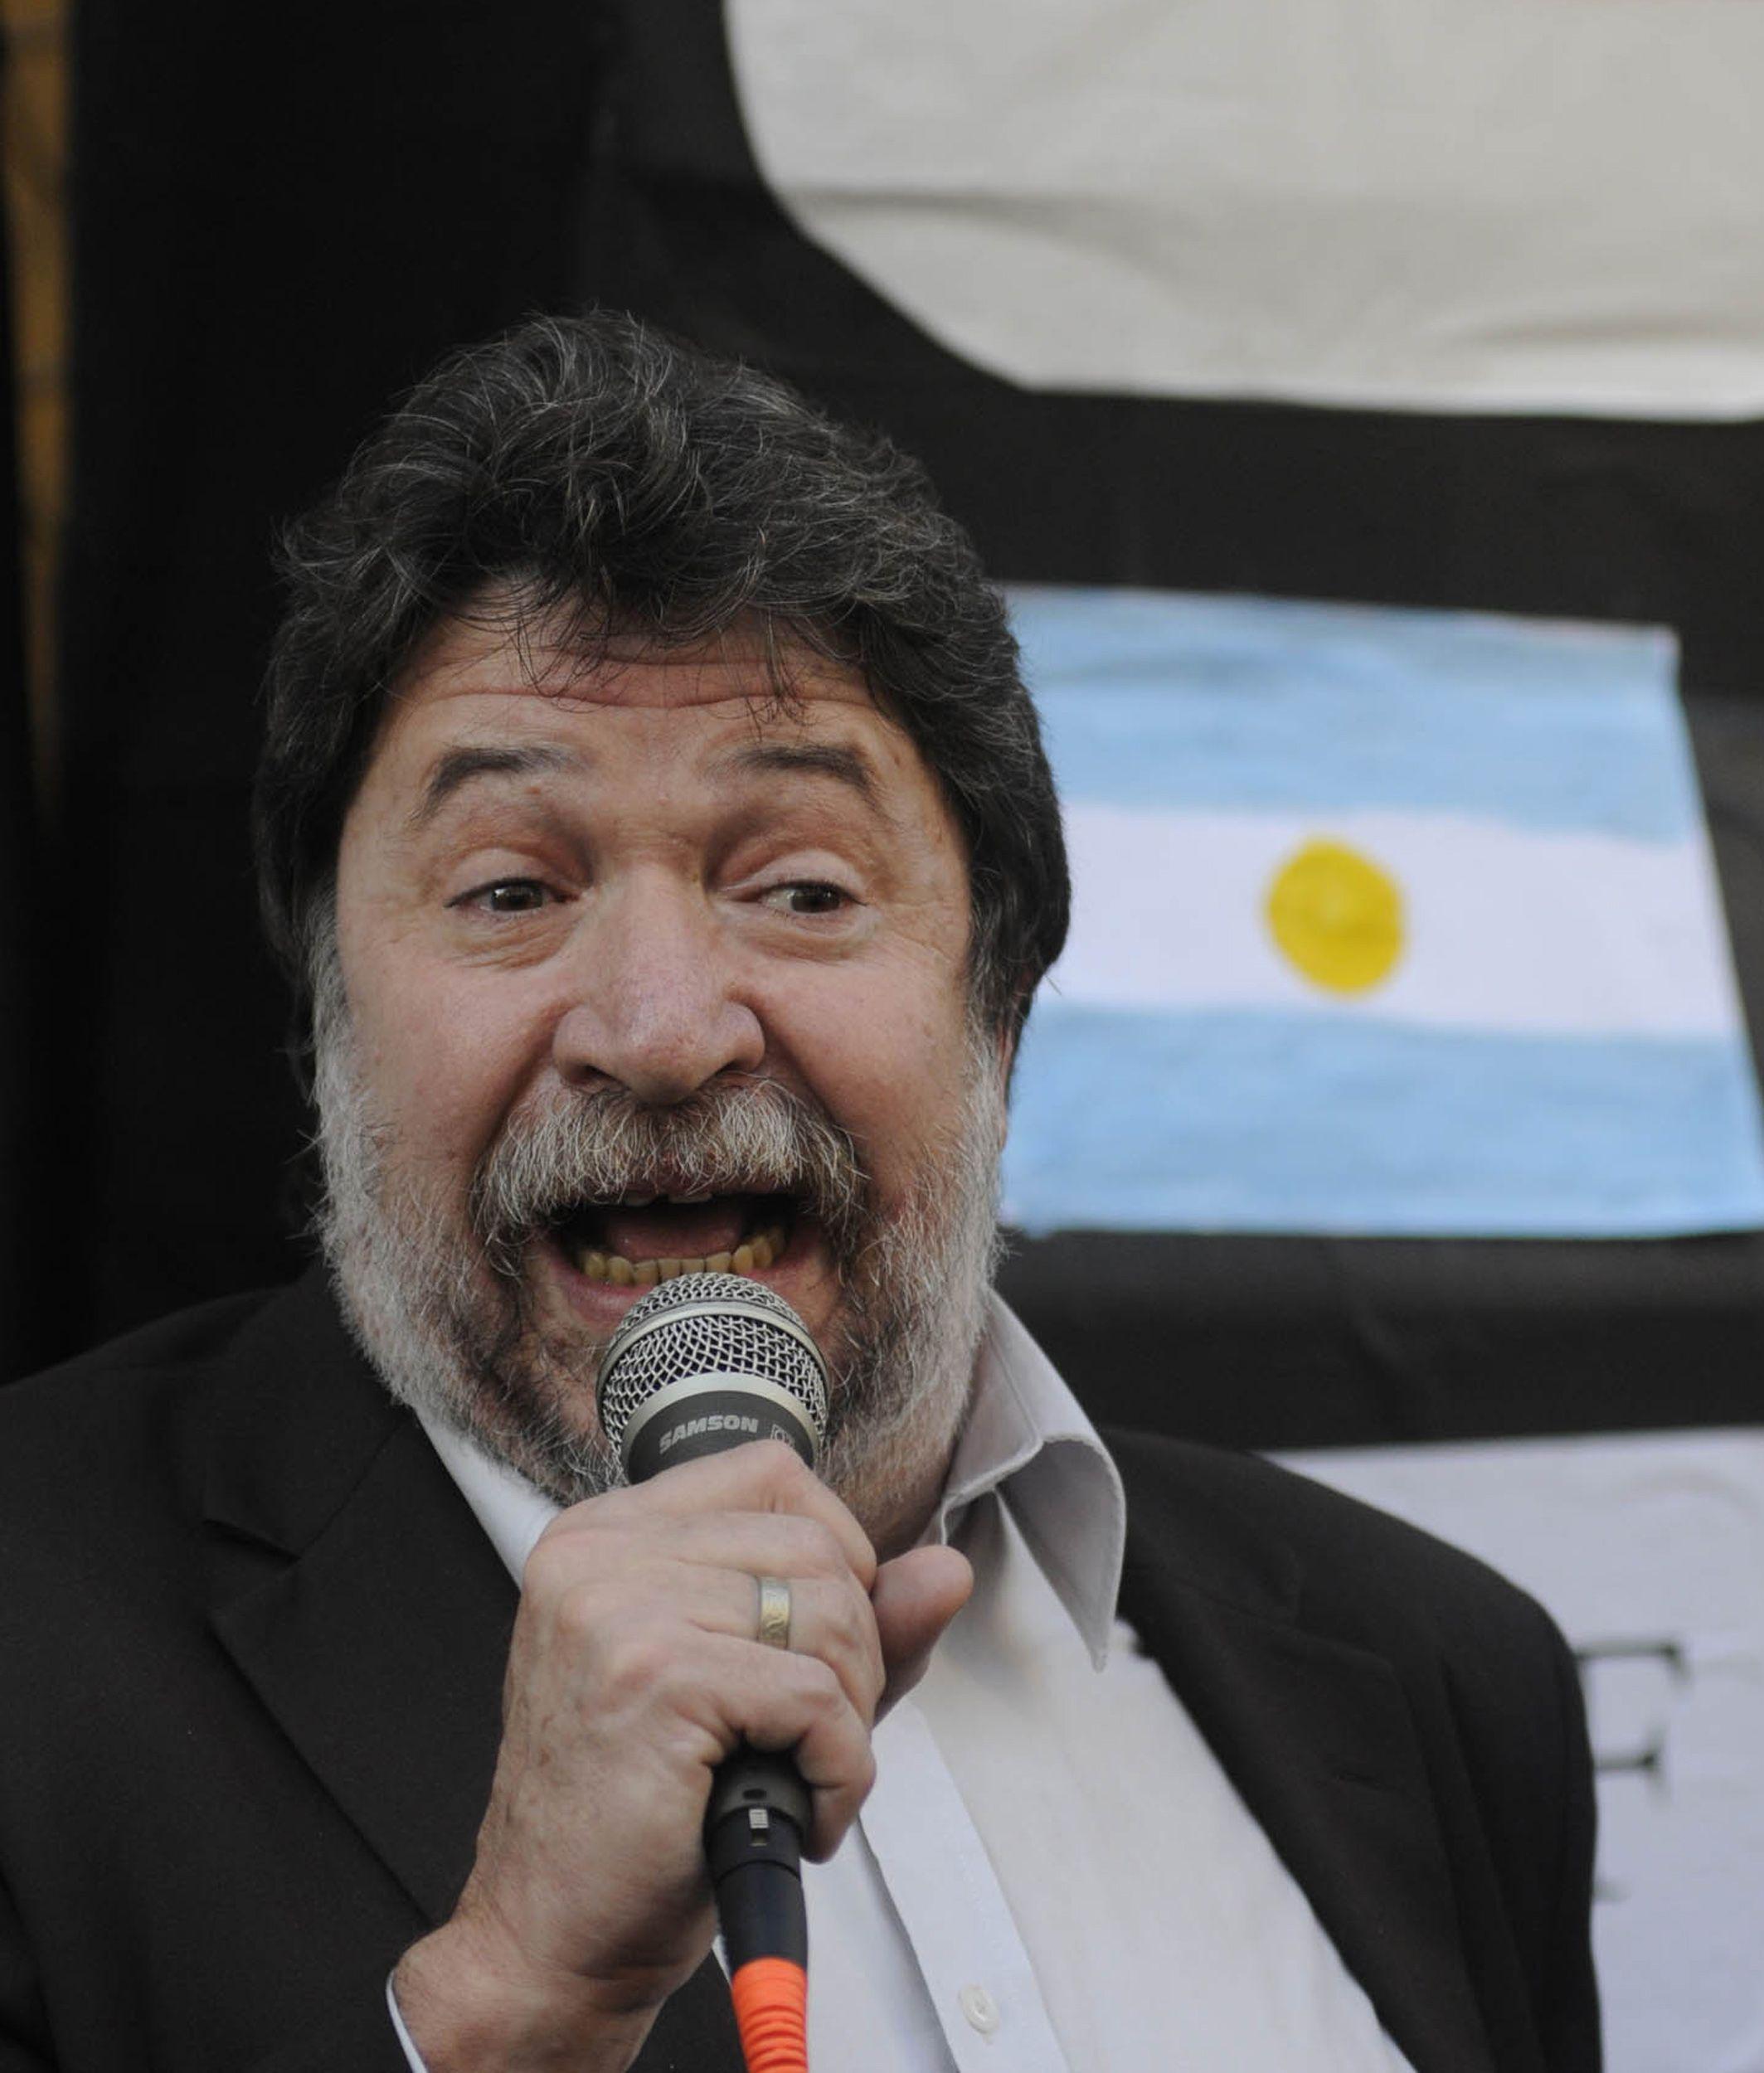 #EleccionesCiudad: Lozano se ilusiona y confía en que podrá competir en julio